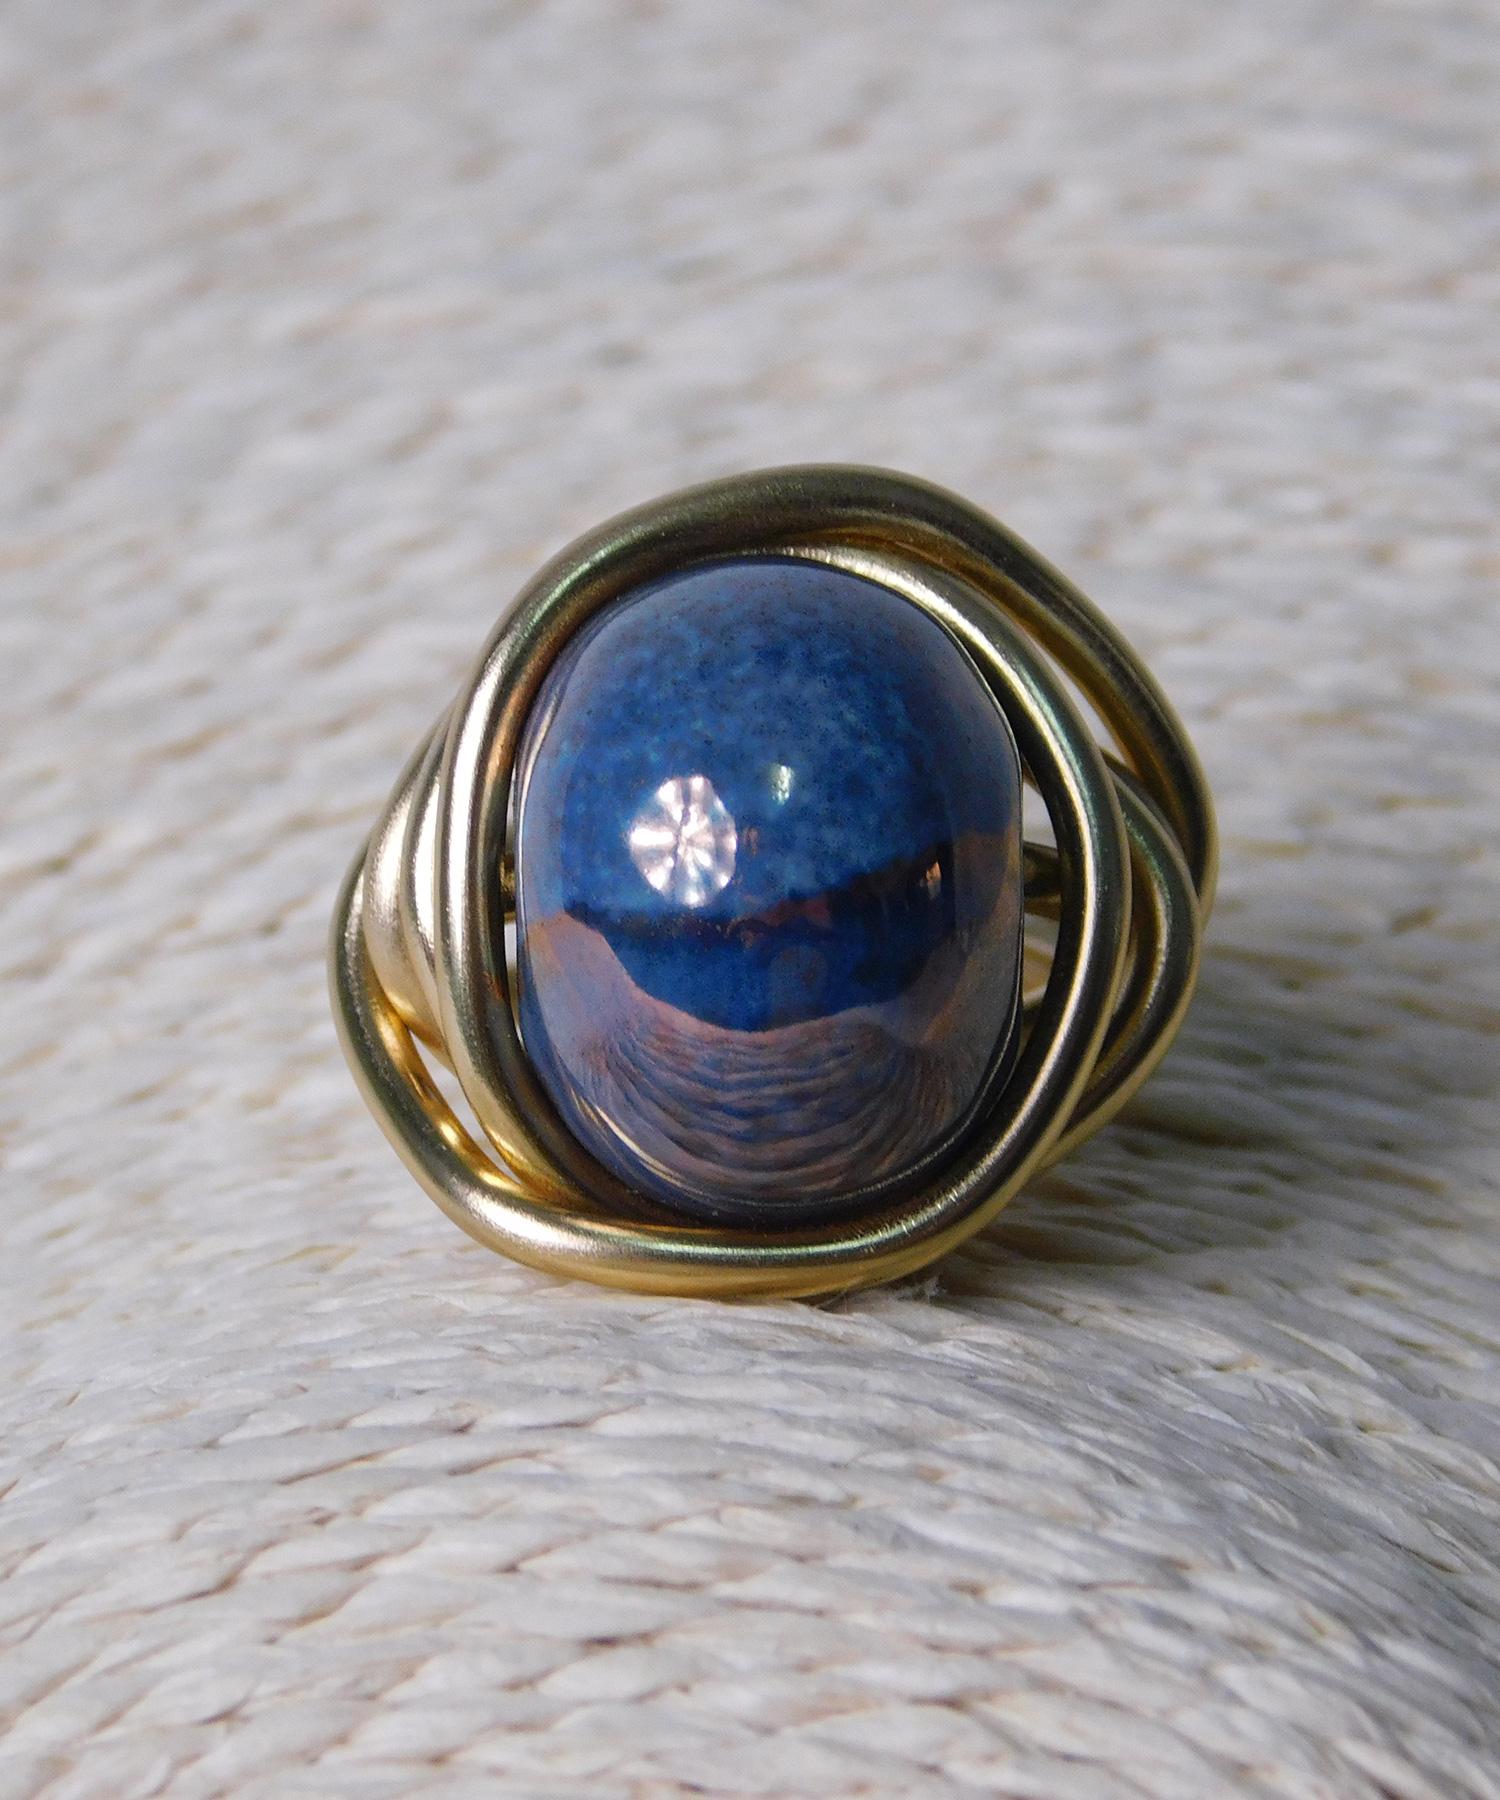 Δαχτυλίδι με Κεραμική Μπλε Χάντρα